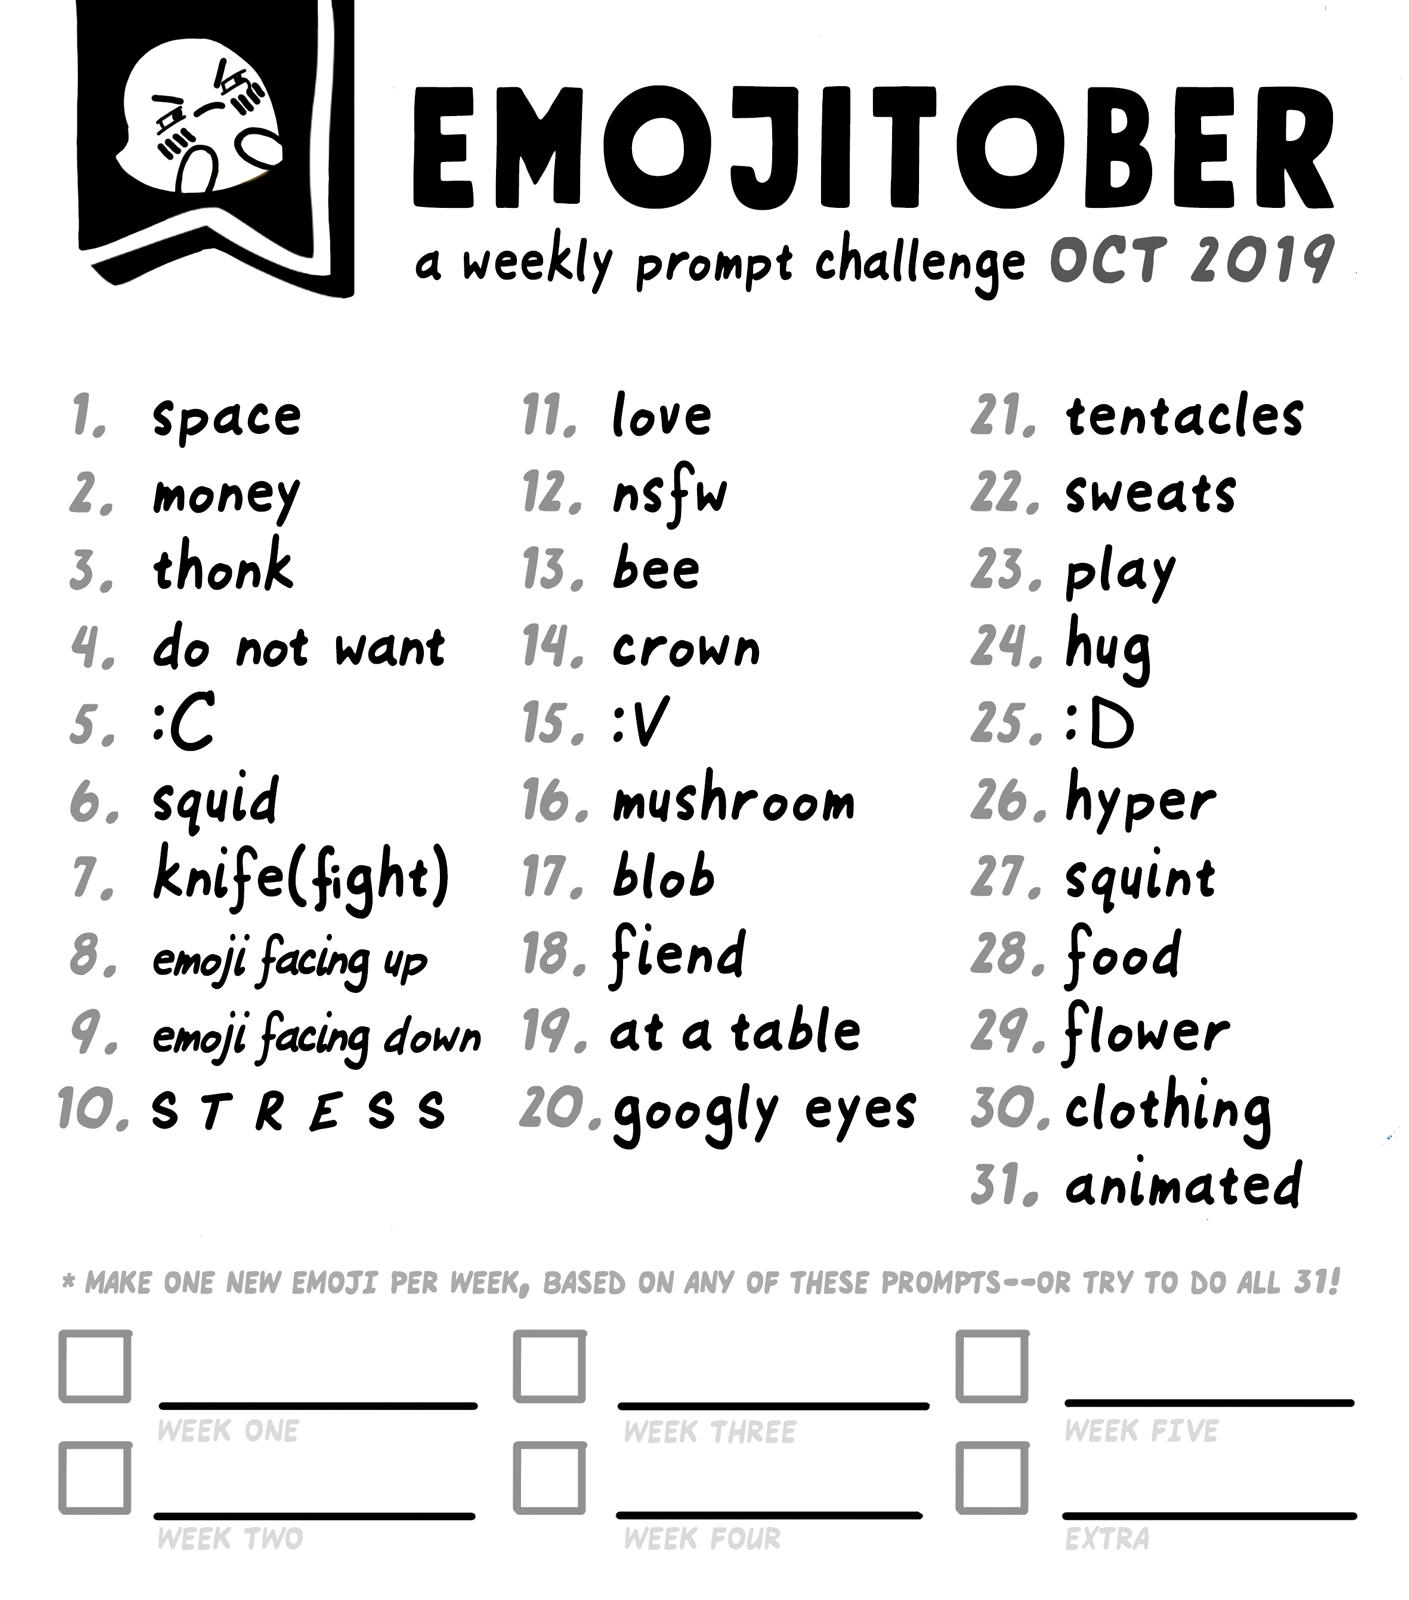 Emojitober 2019 Prompt List